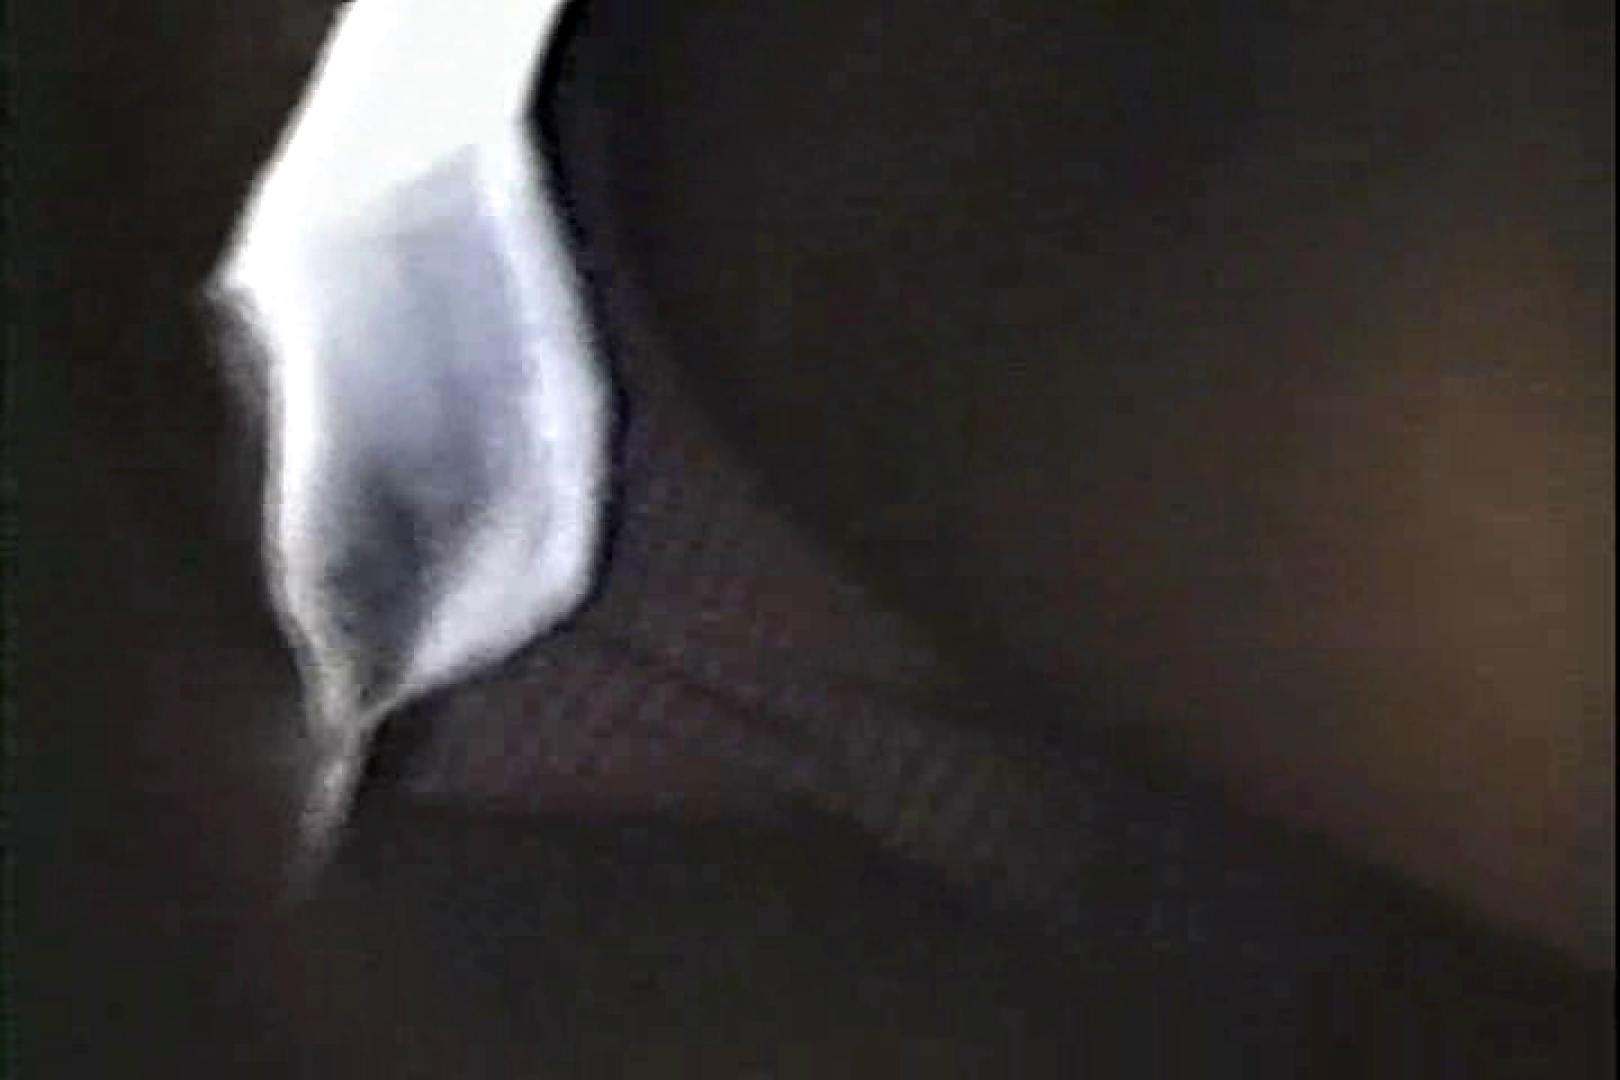 「ちくりん」さんのオリジナル未編集パンチラVol.6_01 新入生パンチラ | ミニスカート  95pic 36